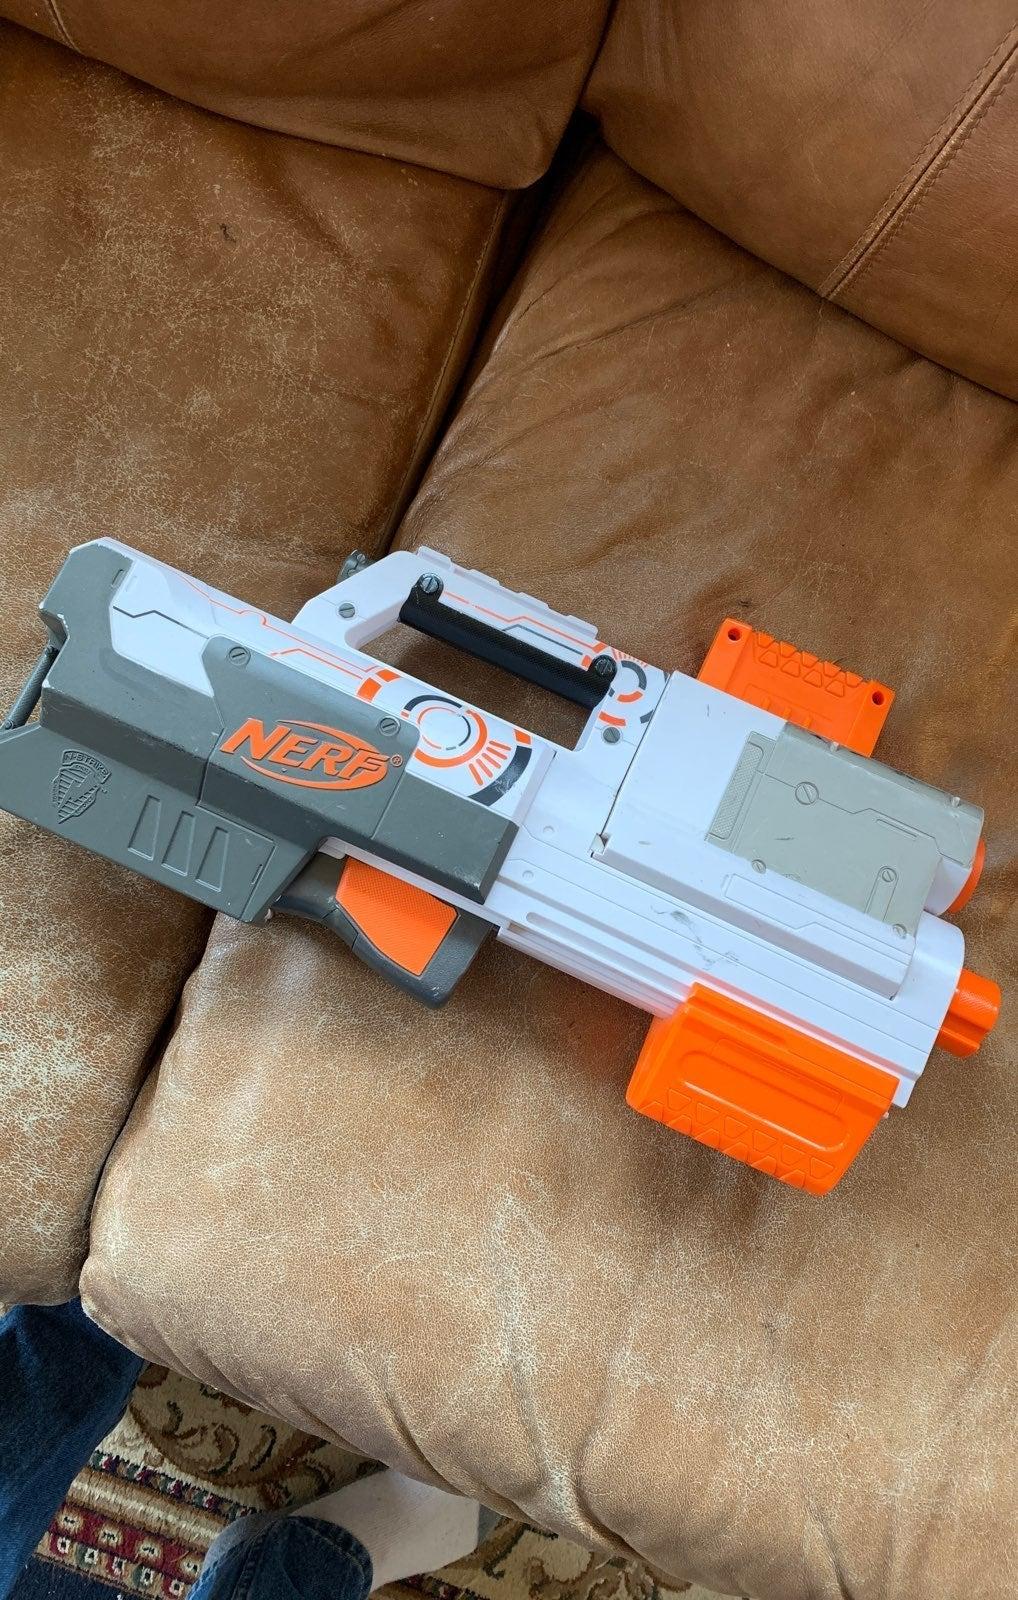 Whiteout Deploy Rare blaster